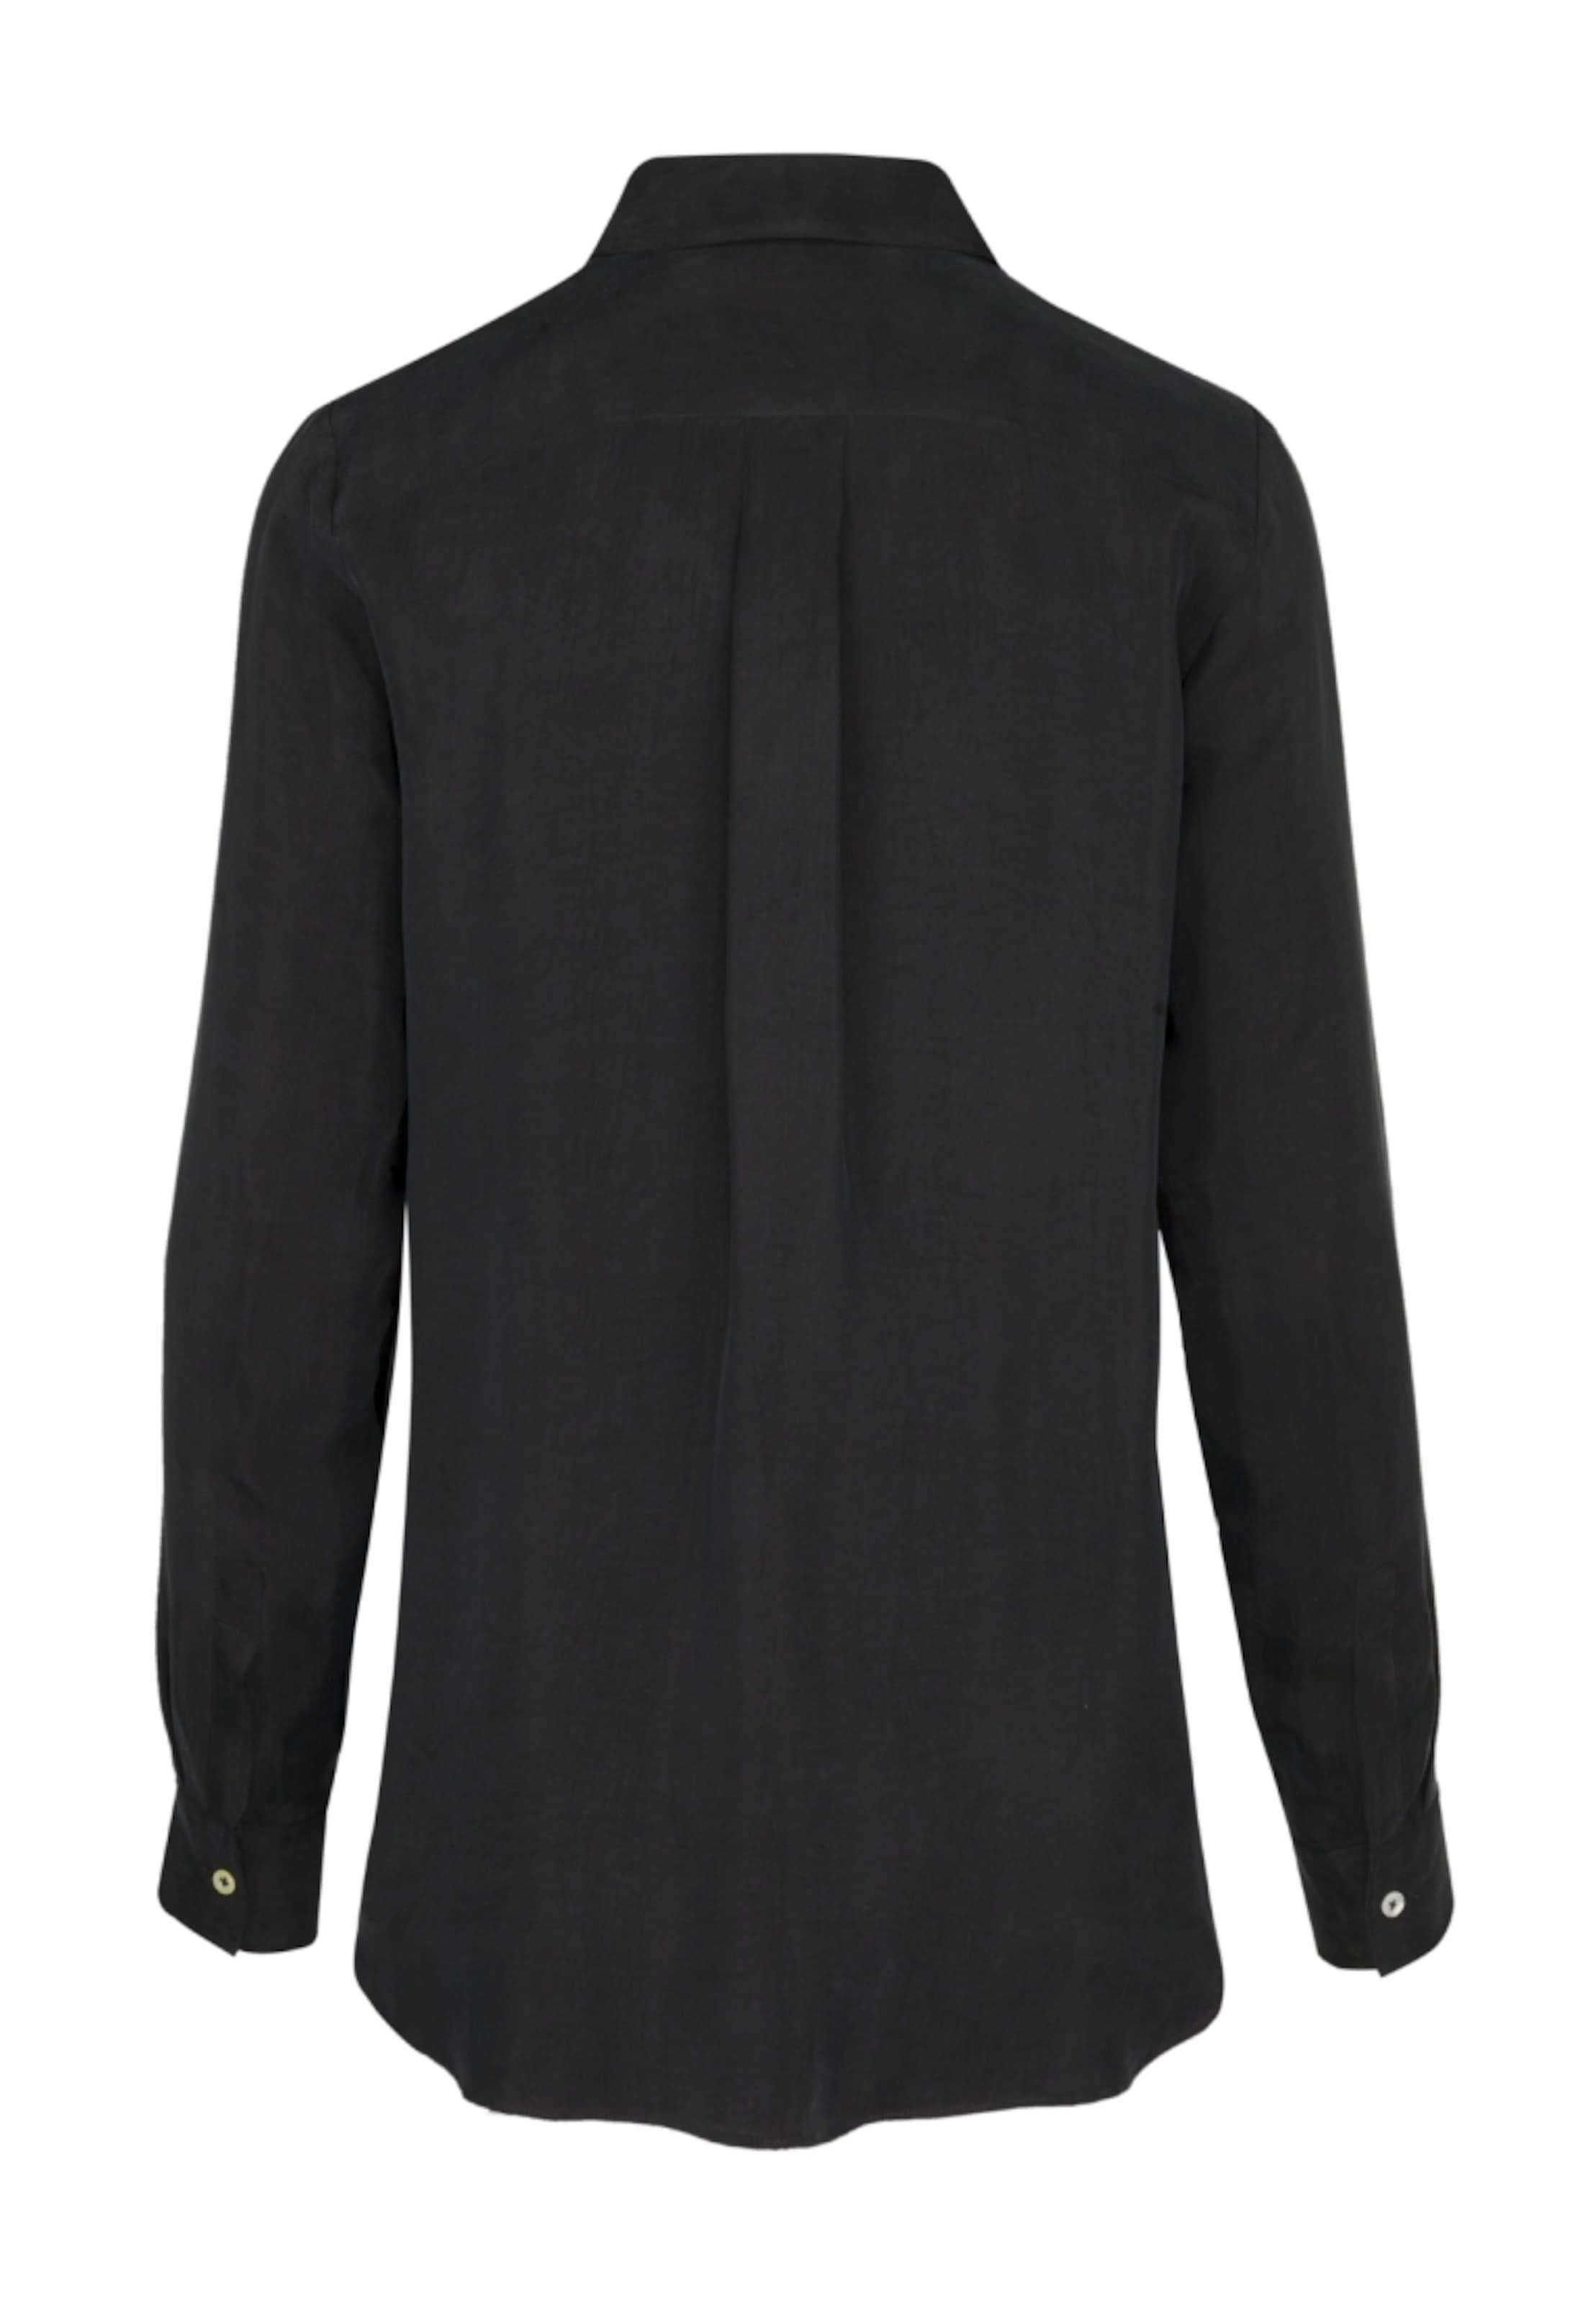 Billig Verkauf Rabatt SEIDENSTICKER Fashion-Bluse 'Schwarze Rose' Unisex Günstige Top-Qualität rVA0Dya